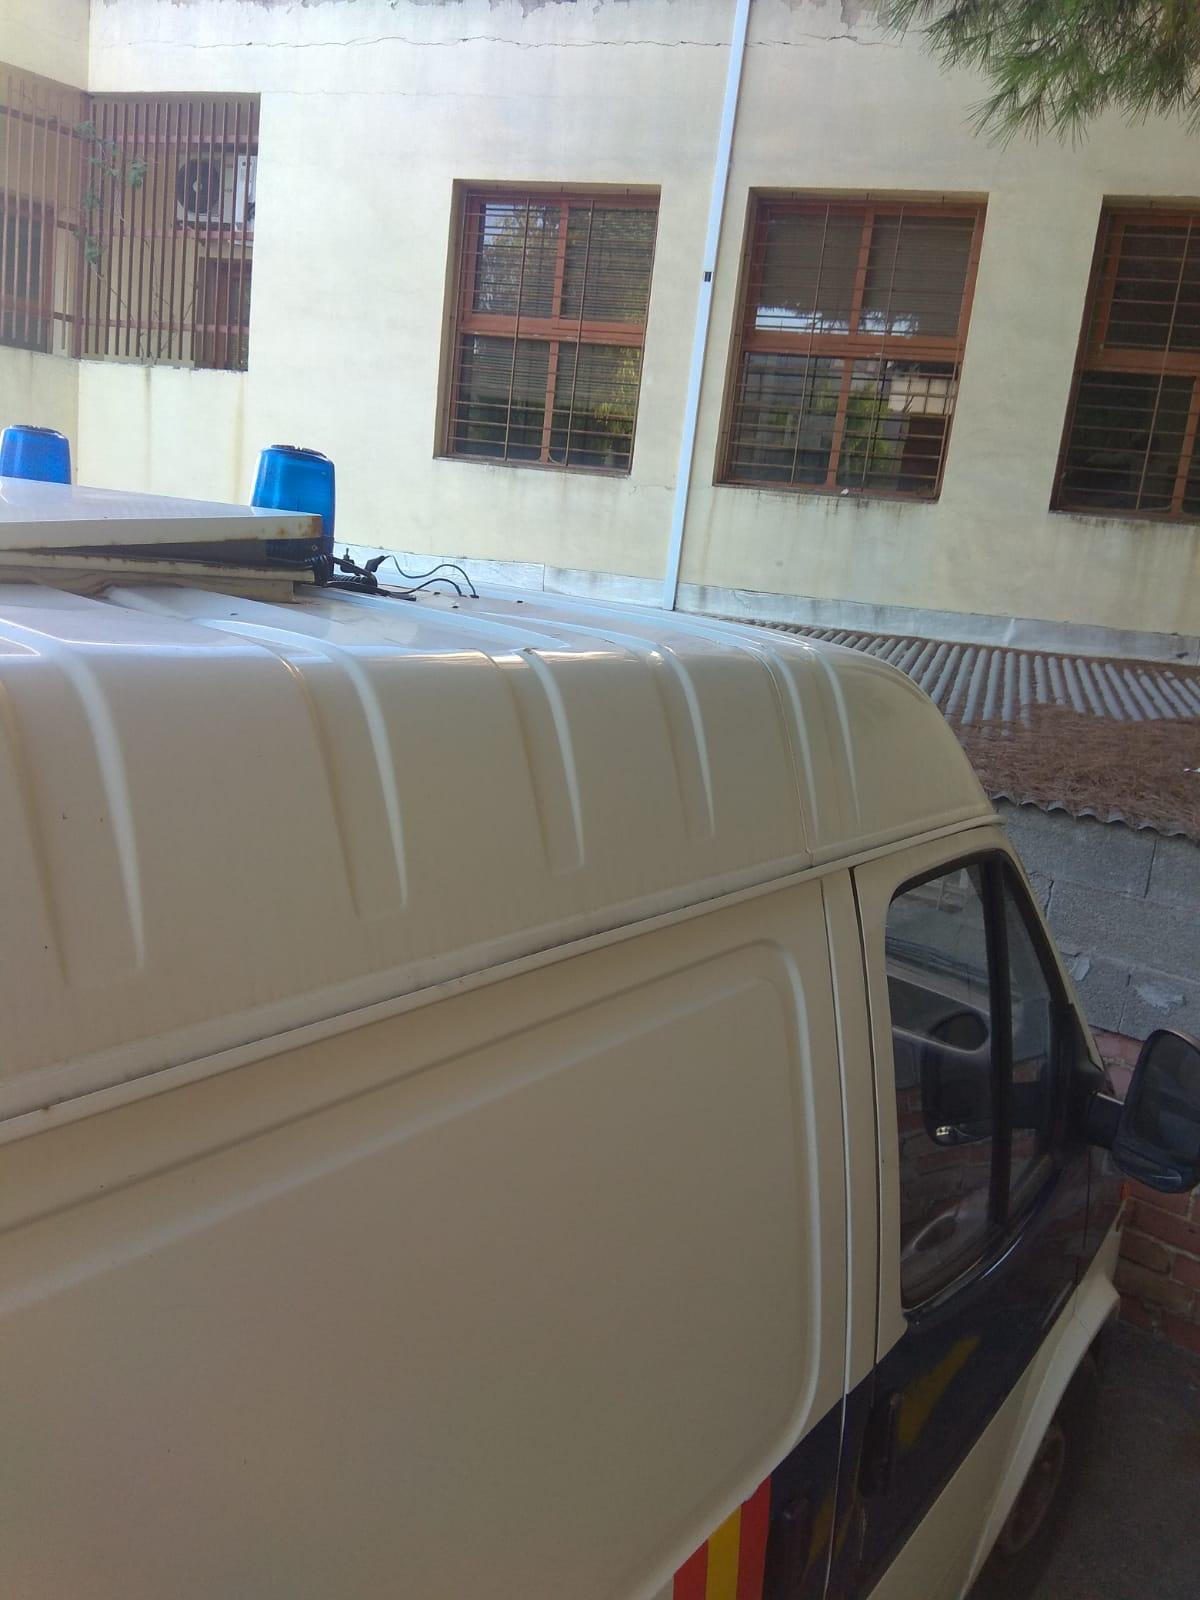 Los traslados a los Juzgados de Ibiza se realizan en grupos de hasta 13 personas hacinadas en un furgón